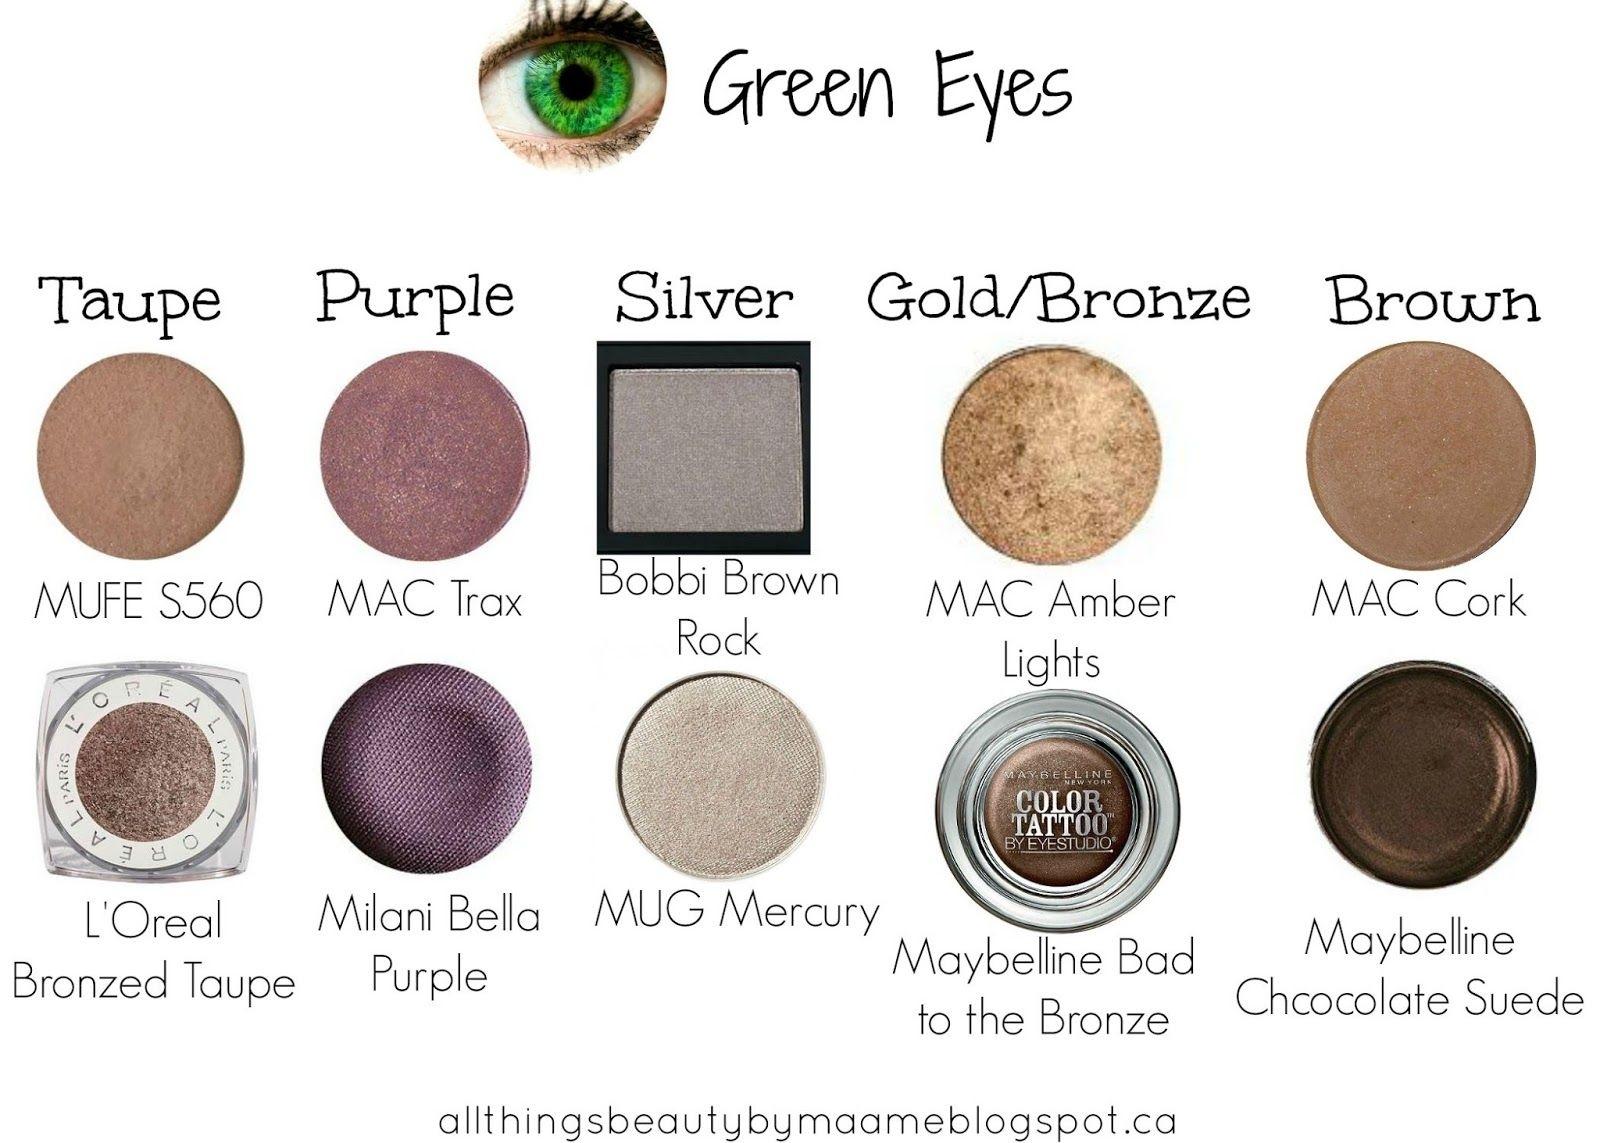 mac eyeshadow combinations for green eyes - wavy haircut